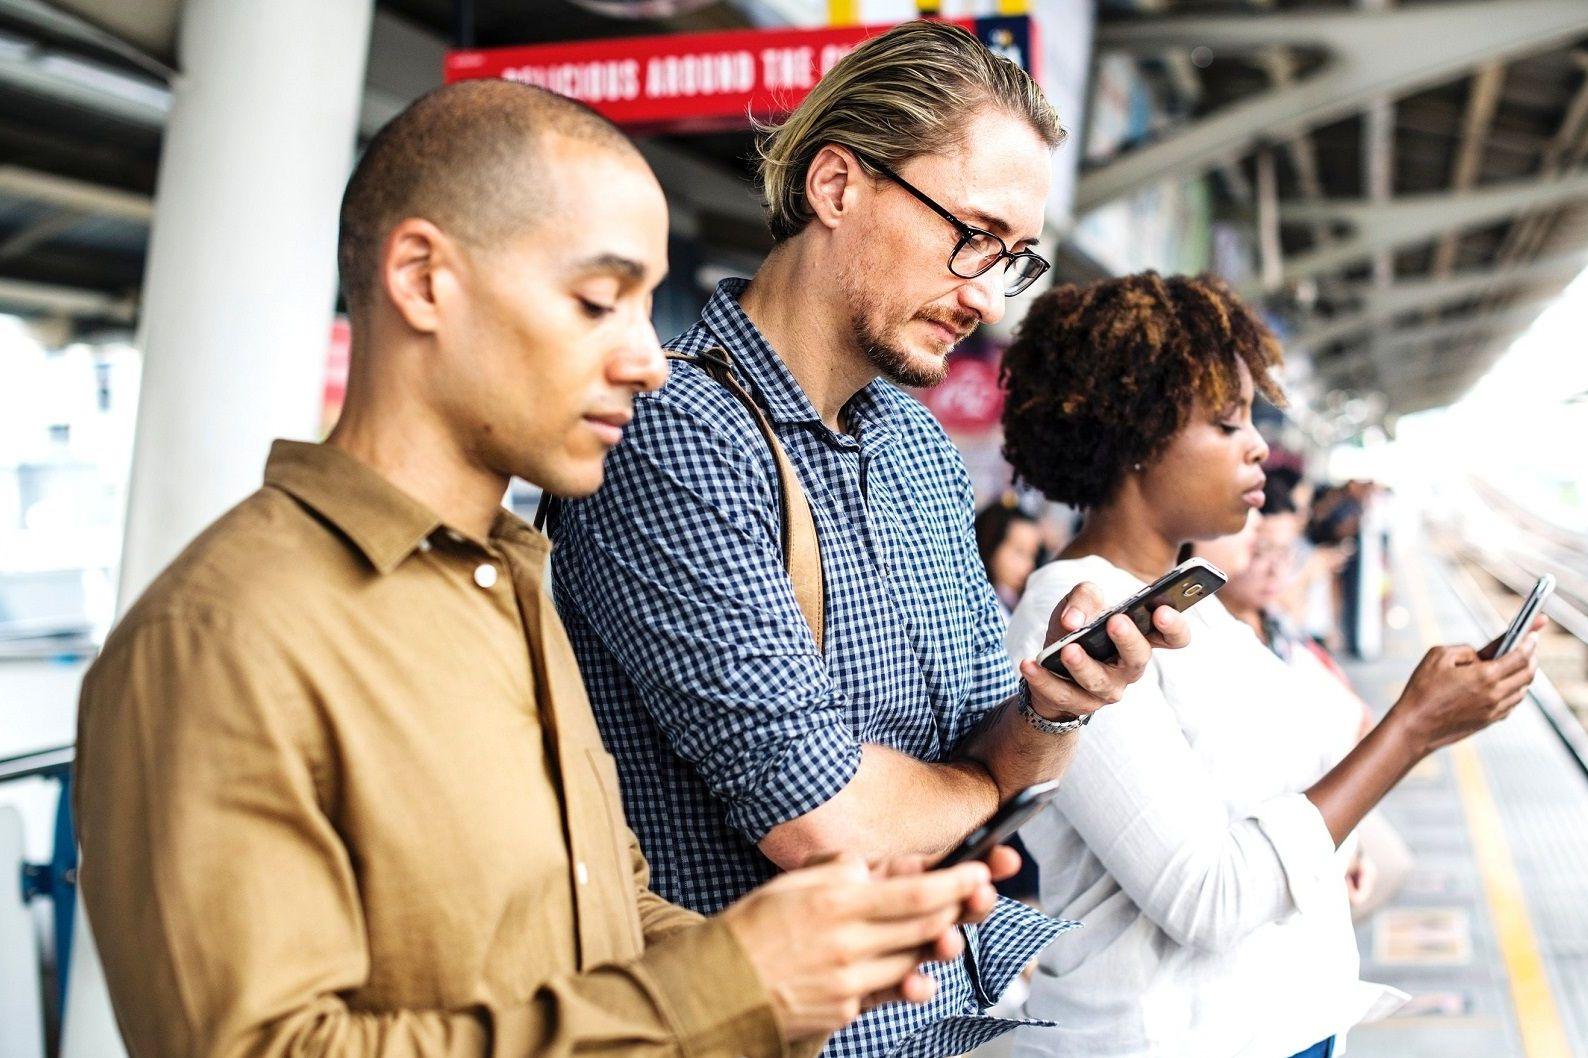 Image article : Enquêtes en ligne : on ne peut plus ignorer les smartphones